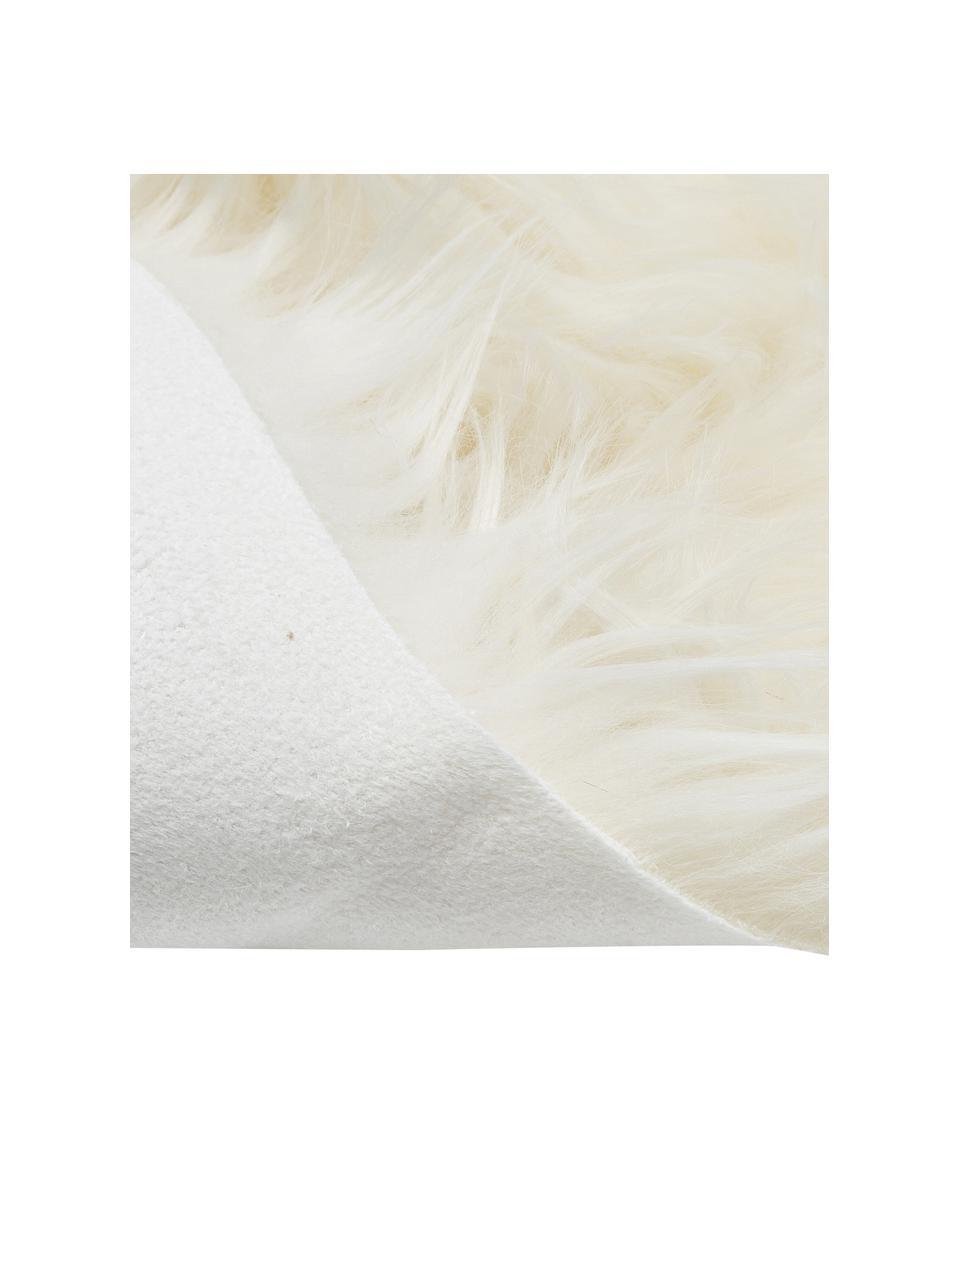 Sztuczne futro Vancouver, Biały, S 60 x D 100 cm